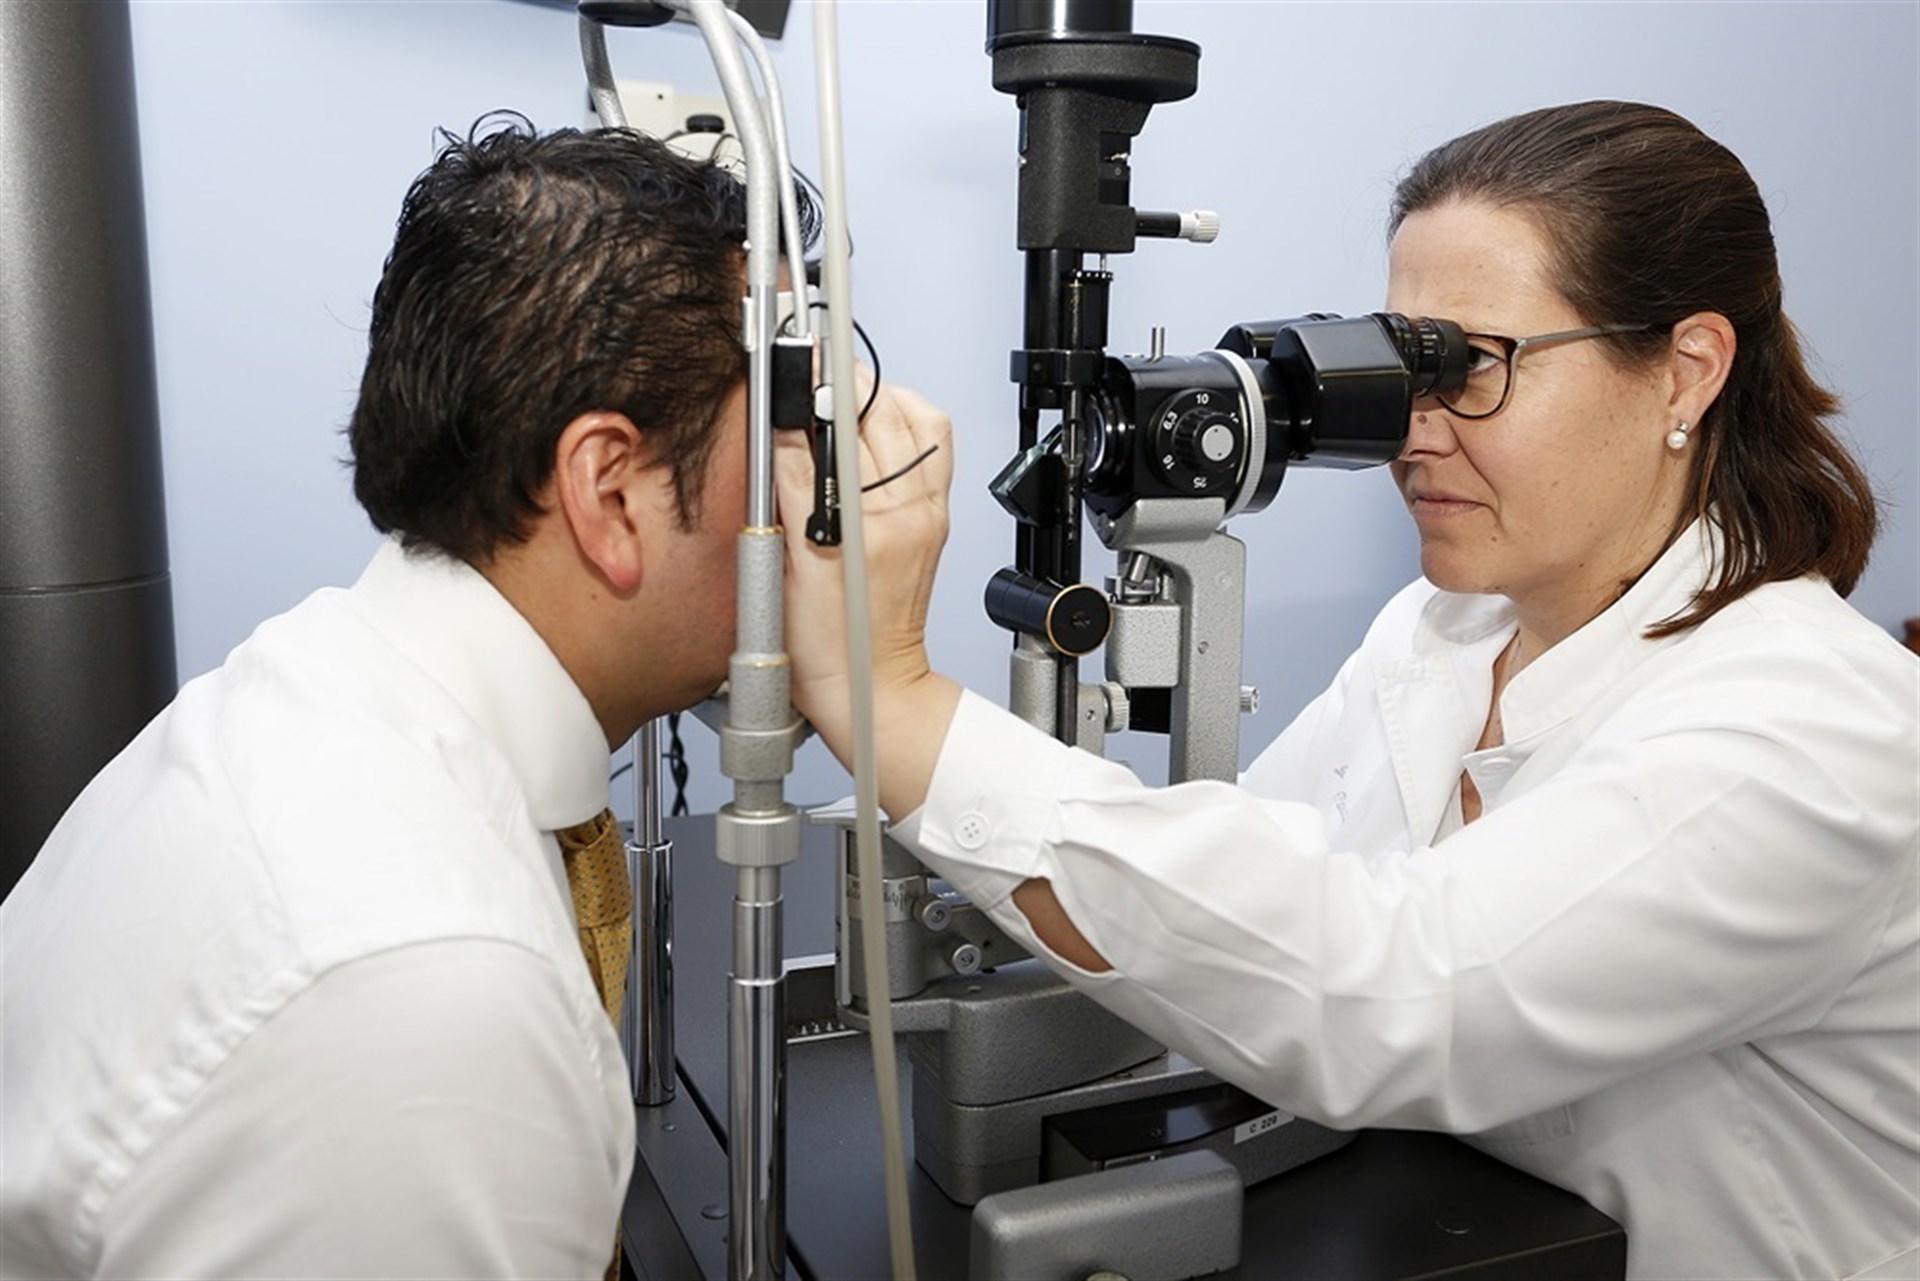 Las 25.000 personas diagnosticadas de glaucoma se pueden enfrentar a una ceguera total